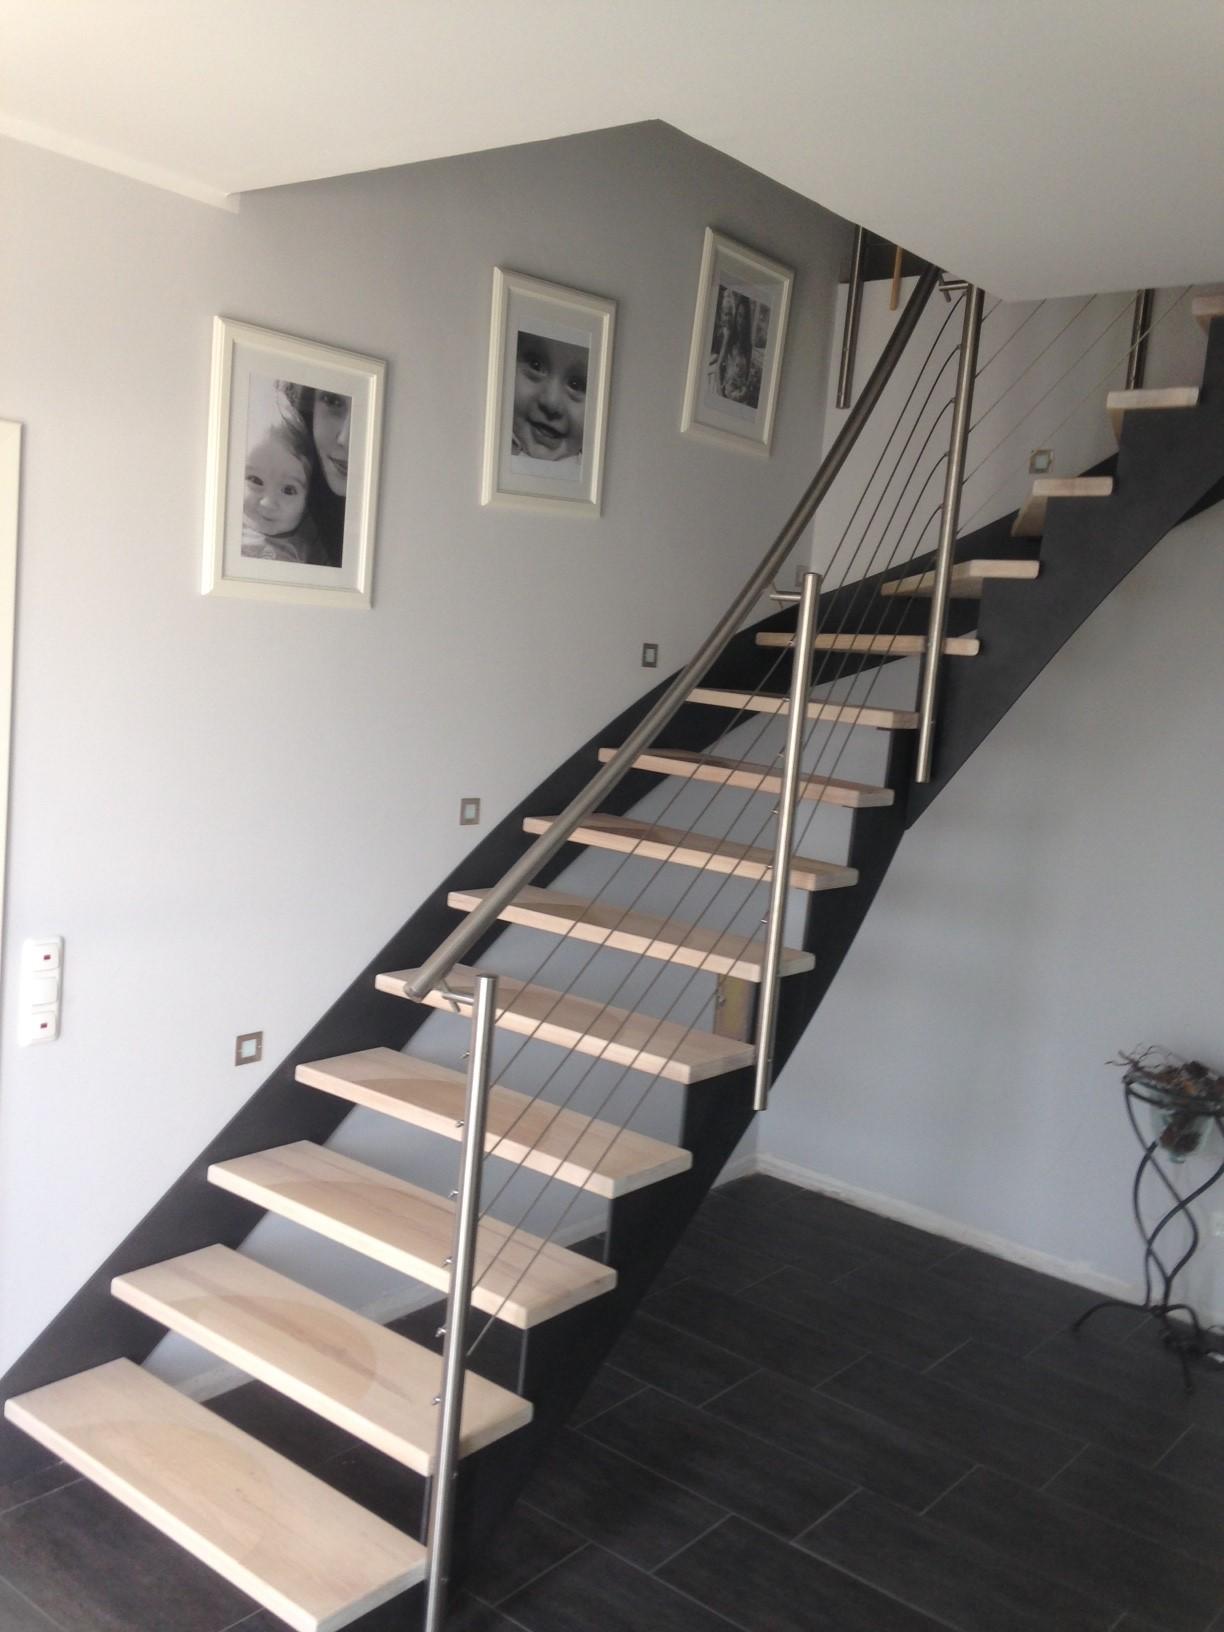 Stahlwangentr.-einseitig-aufgesattelt-Stufen-Esche-Hartwachsöl-weiß-ES-Geländer-Stufenfolien